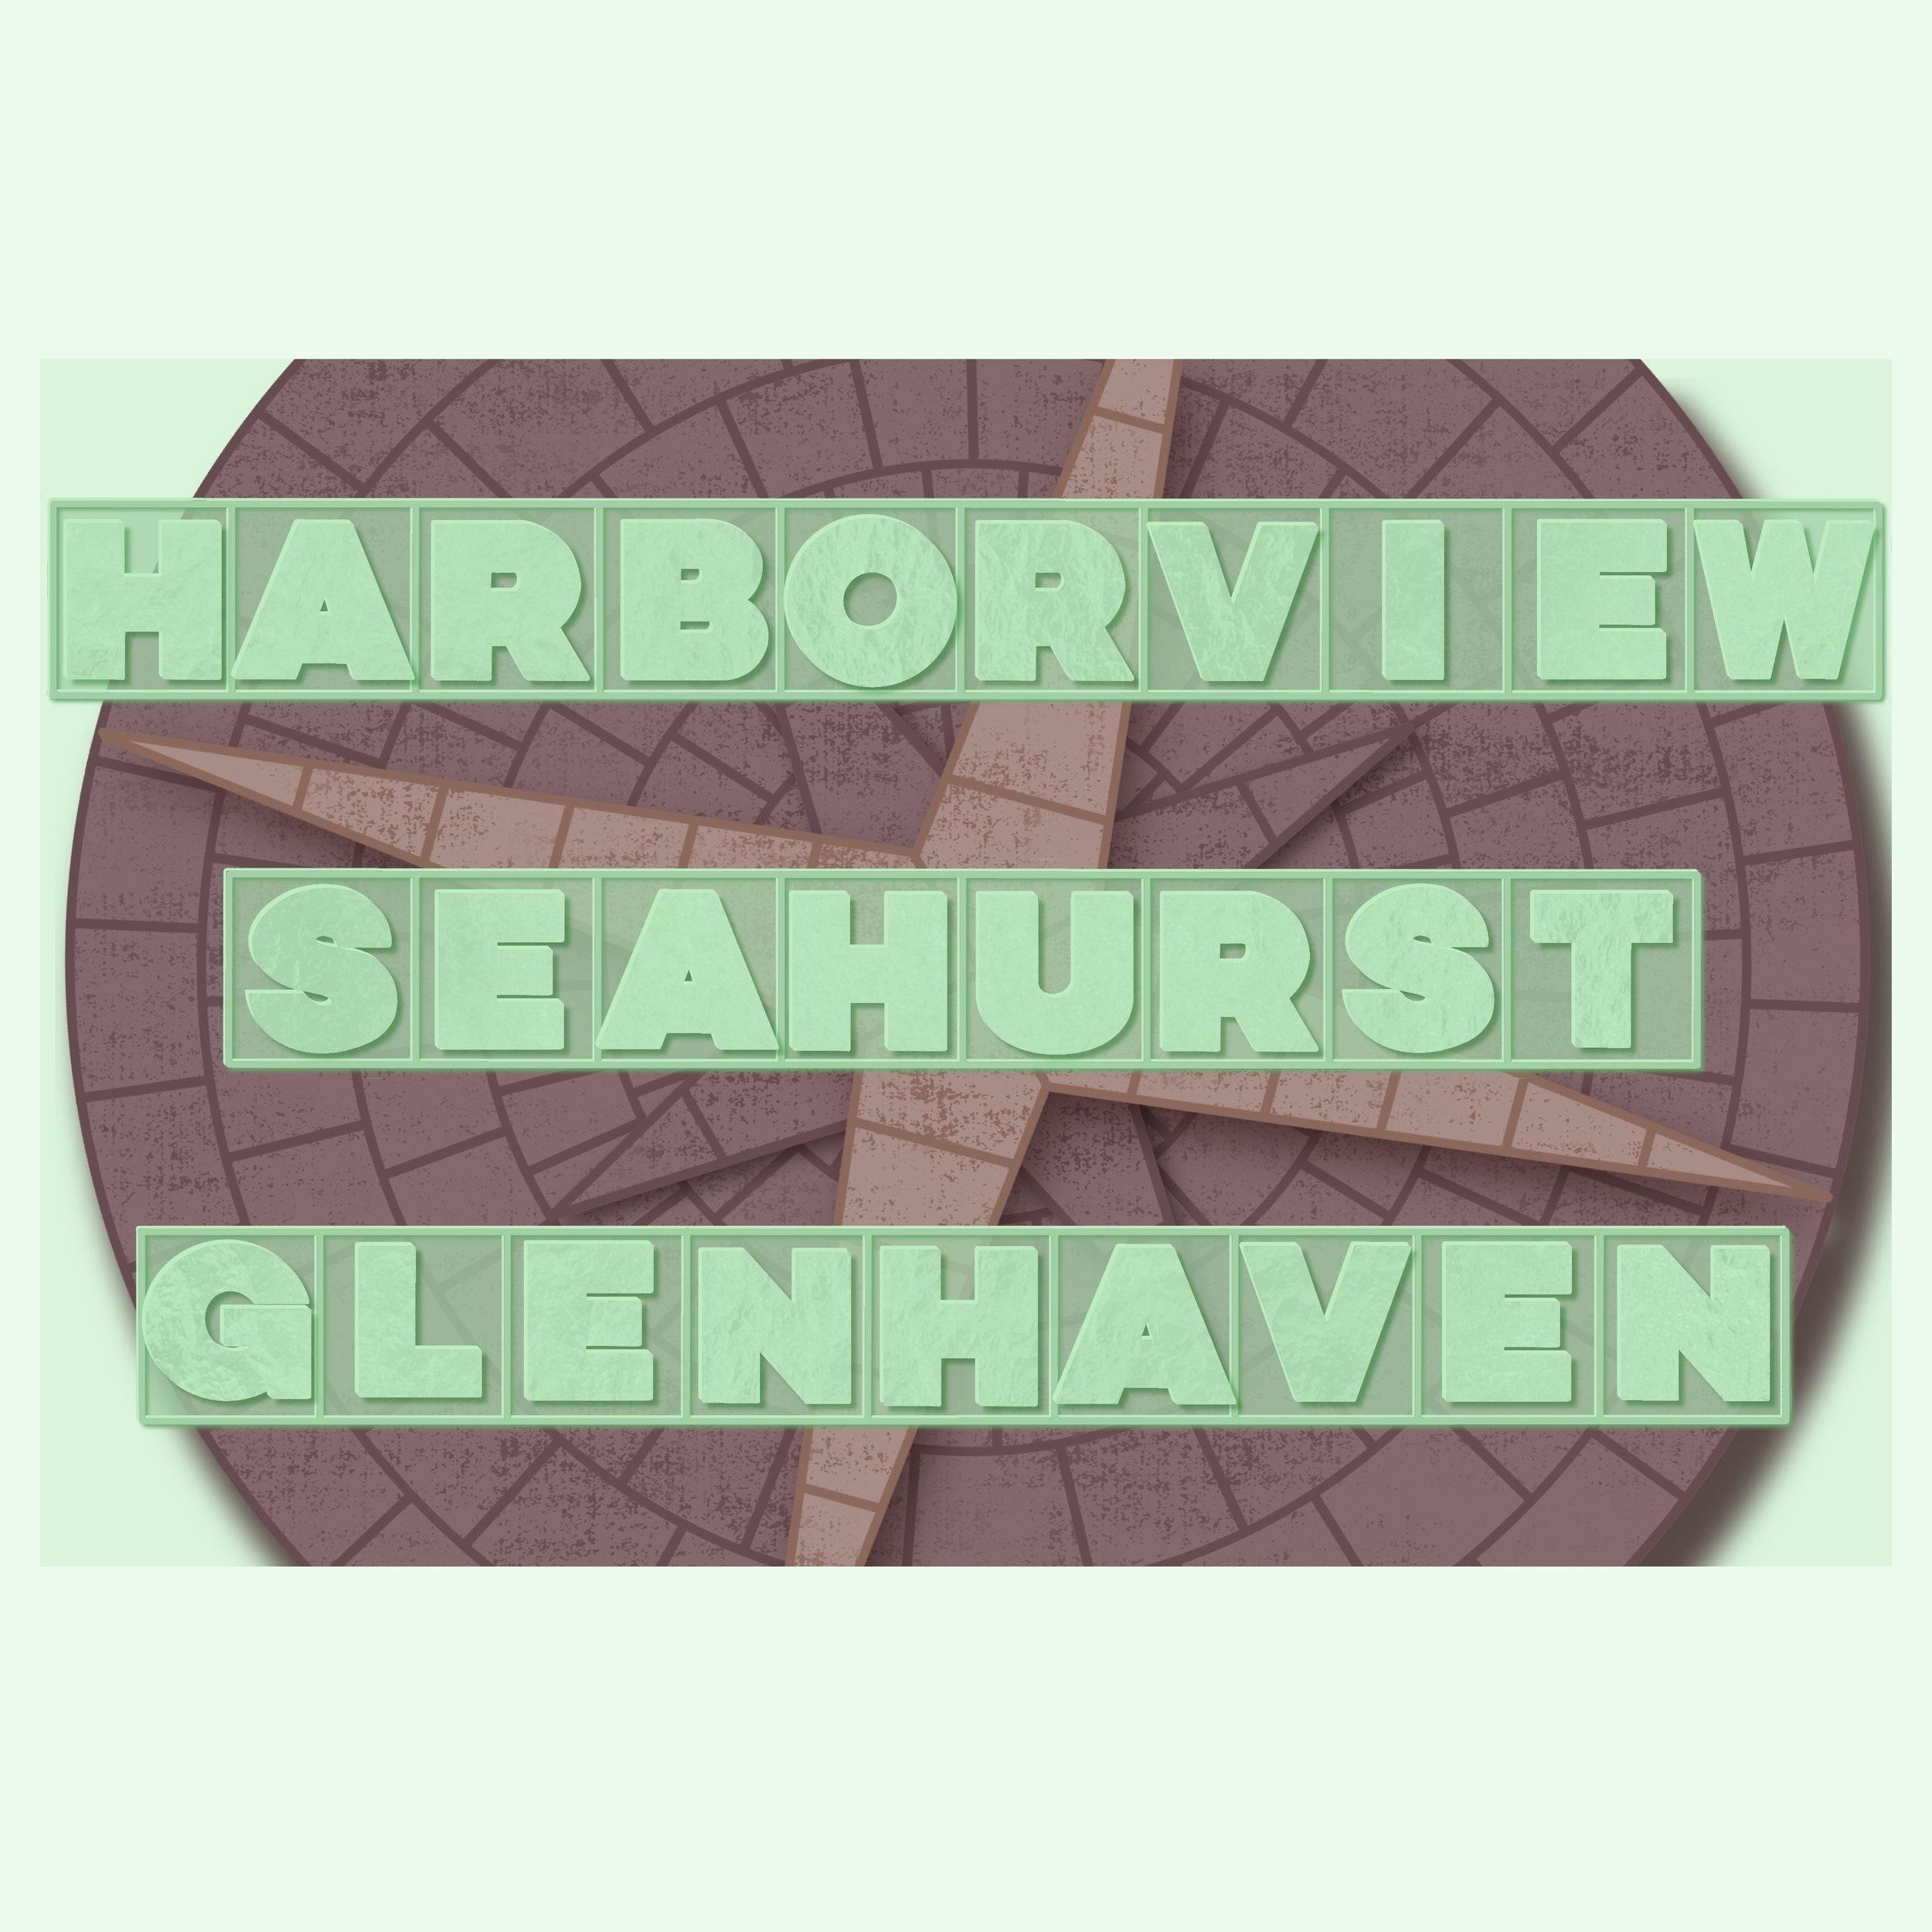 Harborview-Seahurst-Glenhaven_Square.jpg